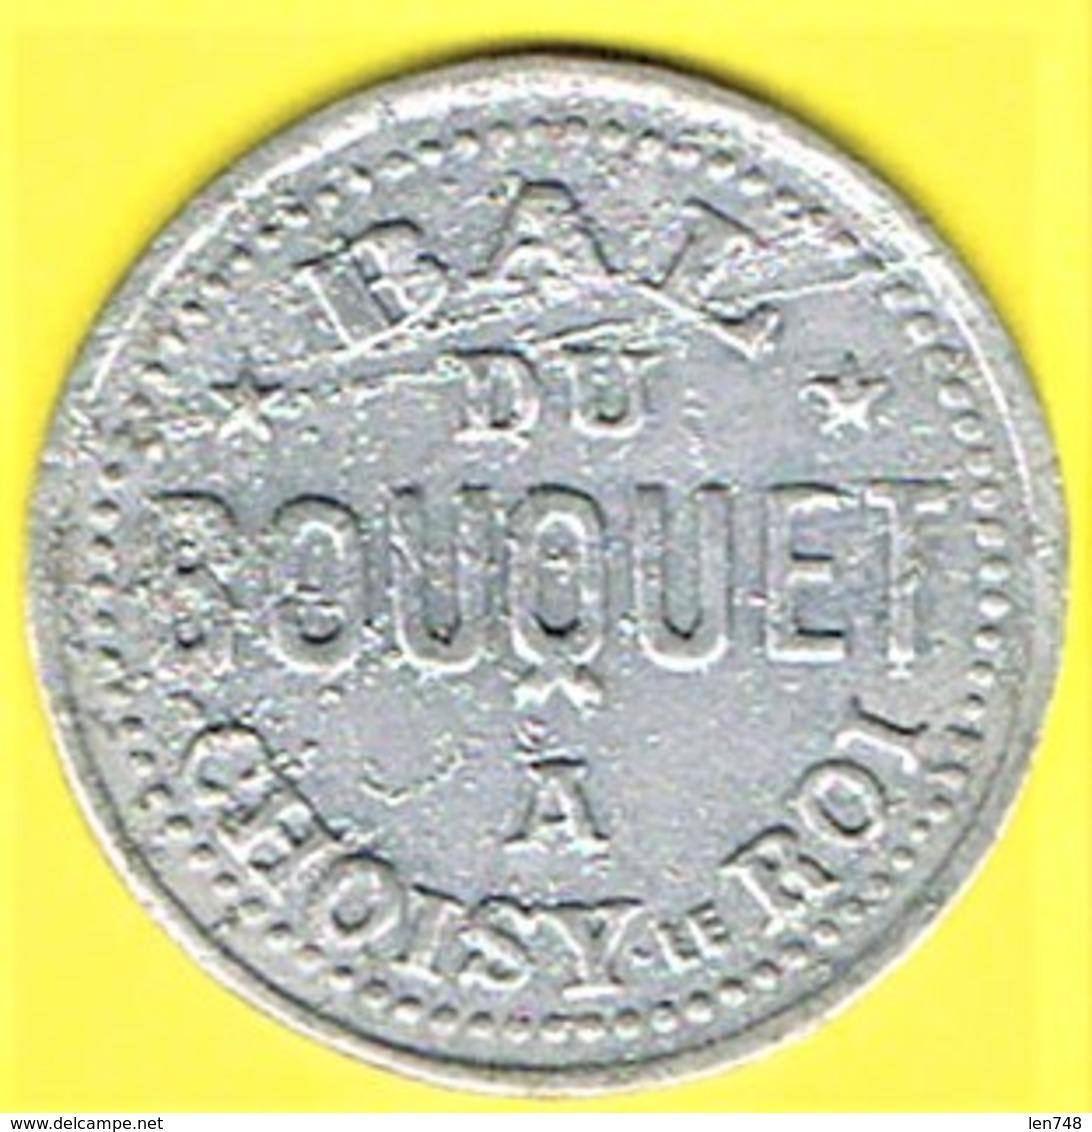 Nécessité - Jeton De Bal - BAL DU BOUQUET à CHOISY-LE-ROI (94) - Monétaires / De Nécessité